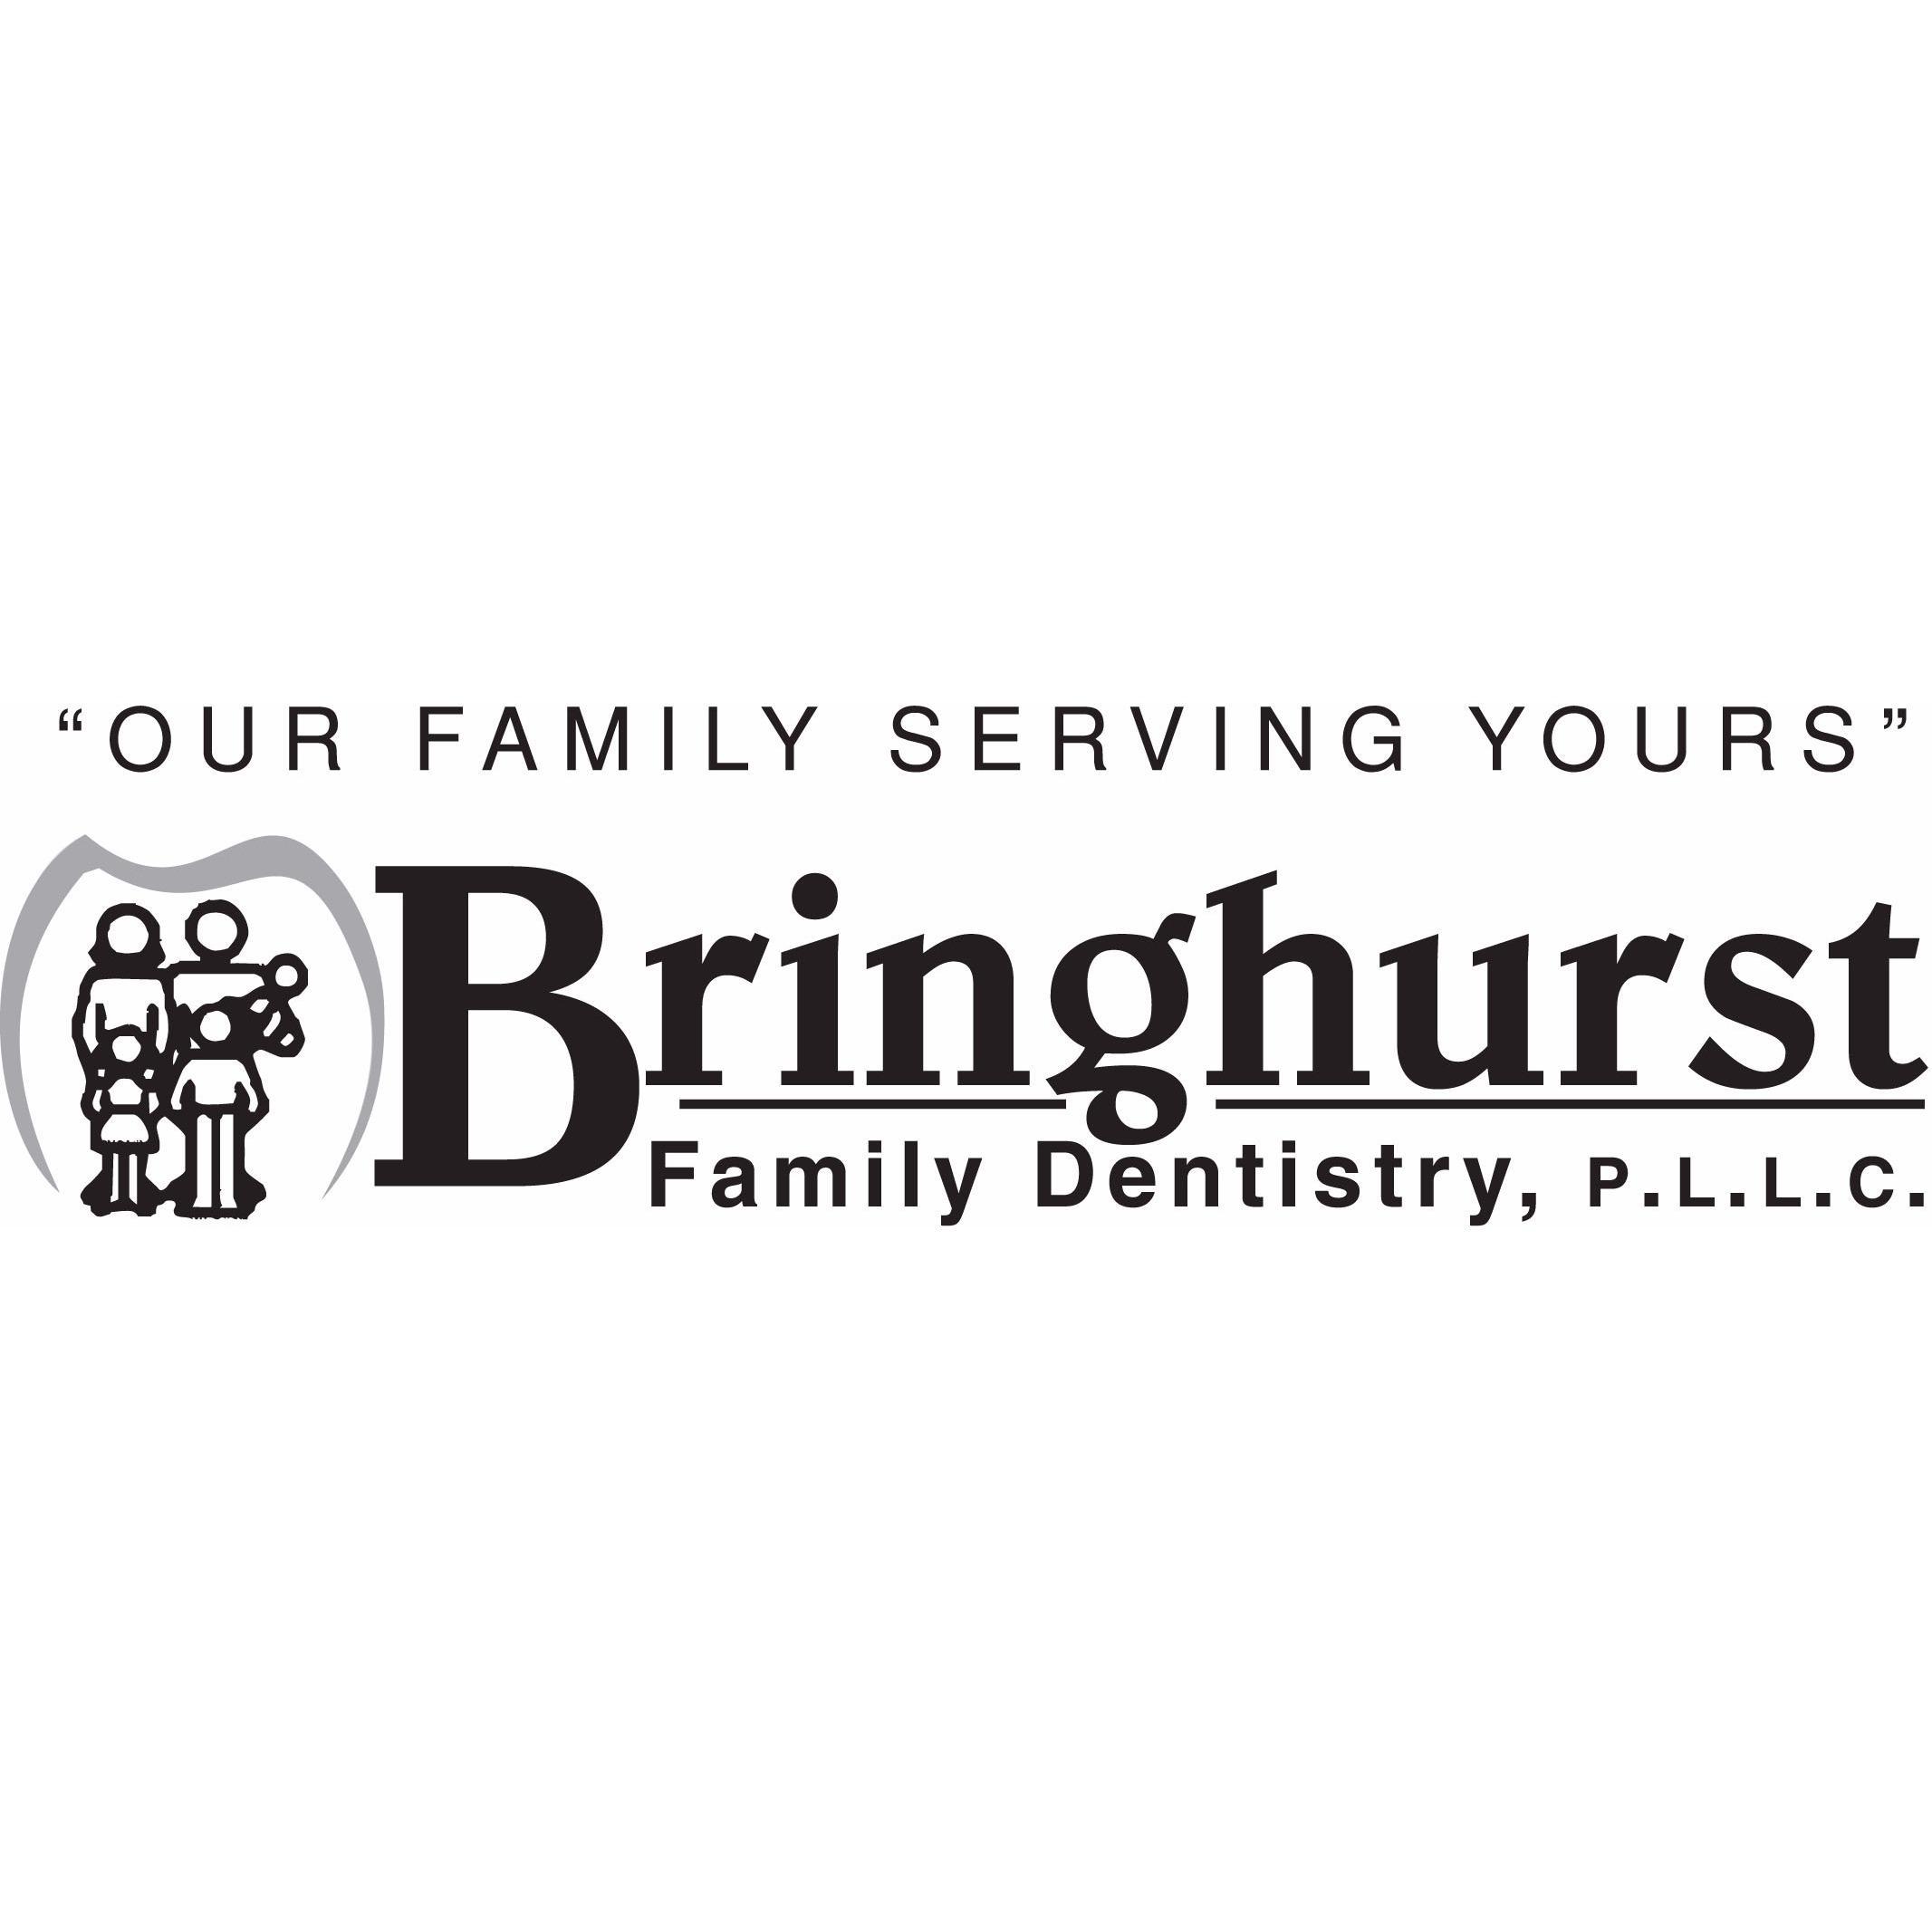 Bringhurst Family Dentistry